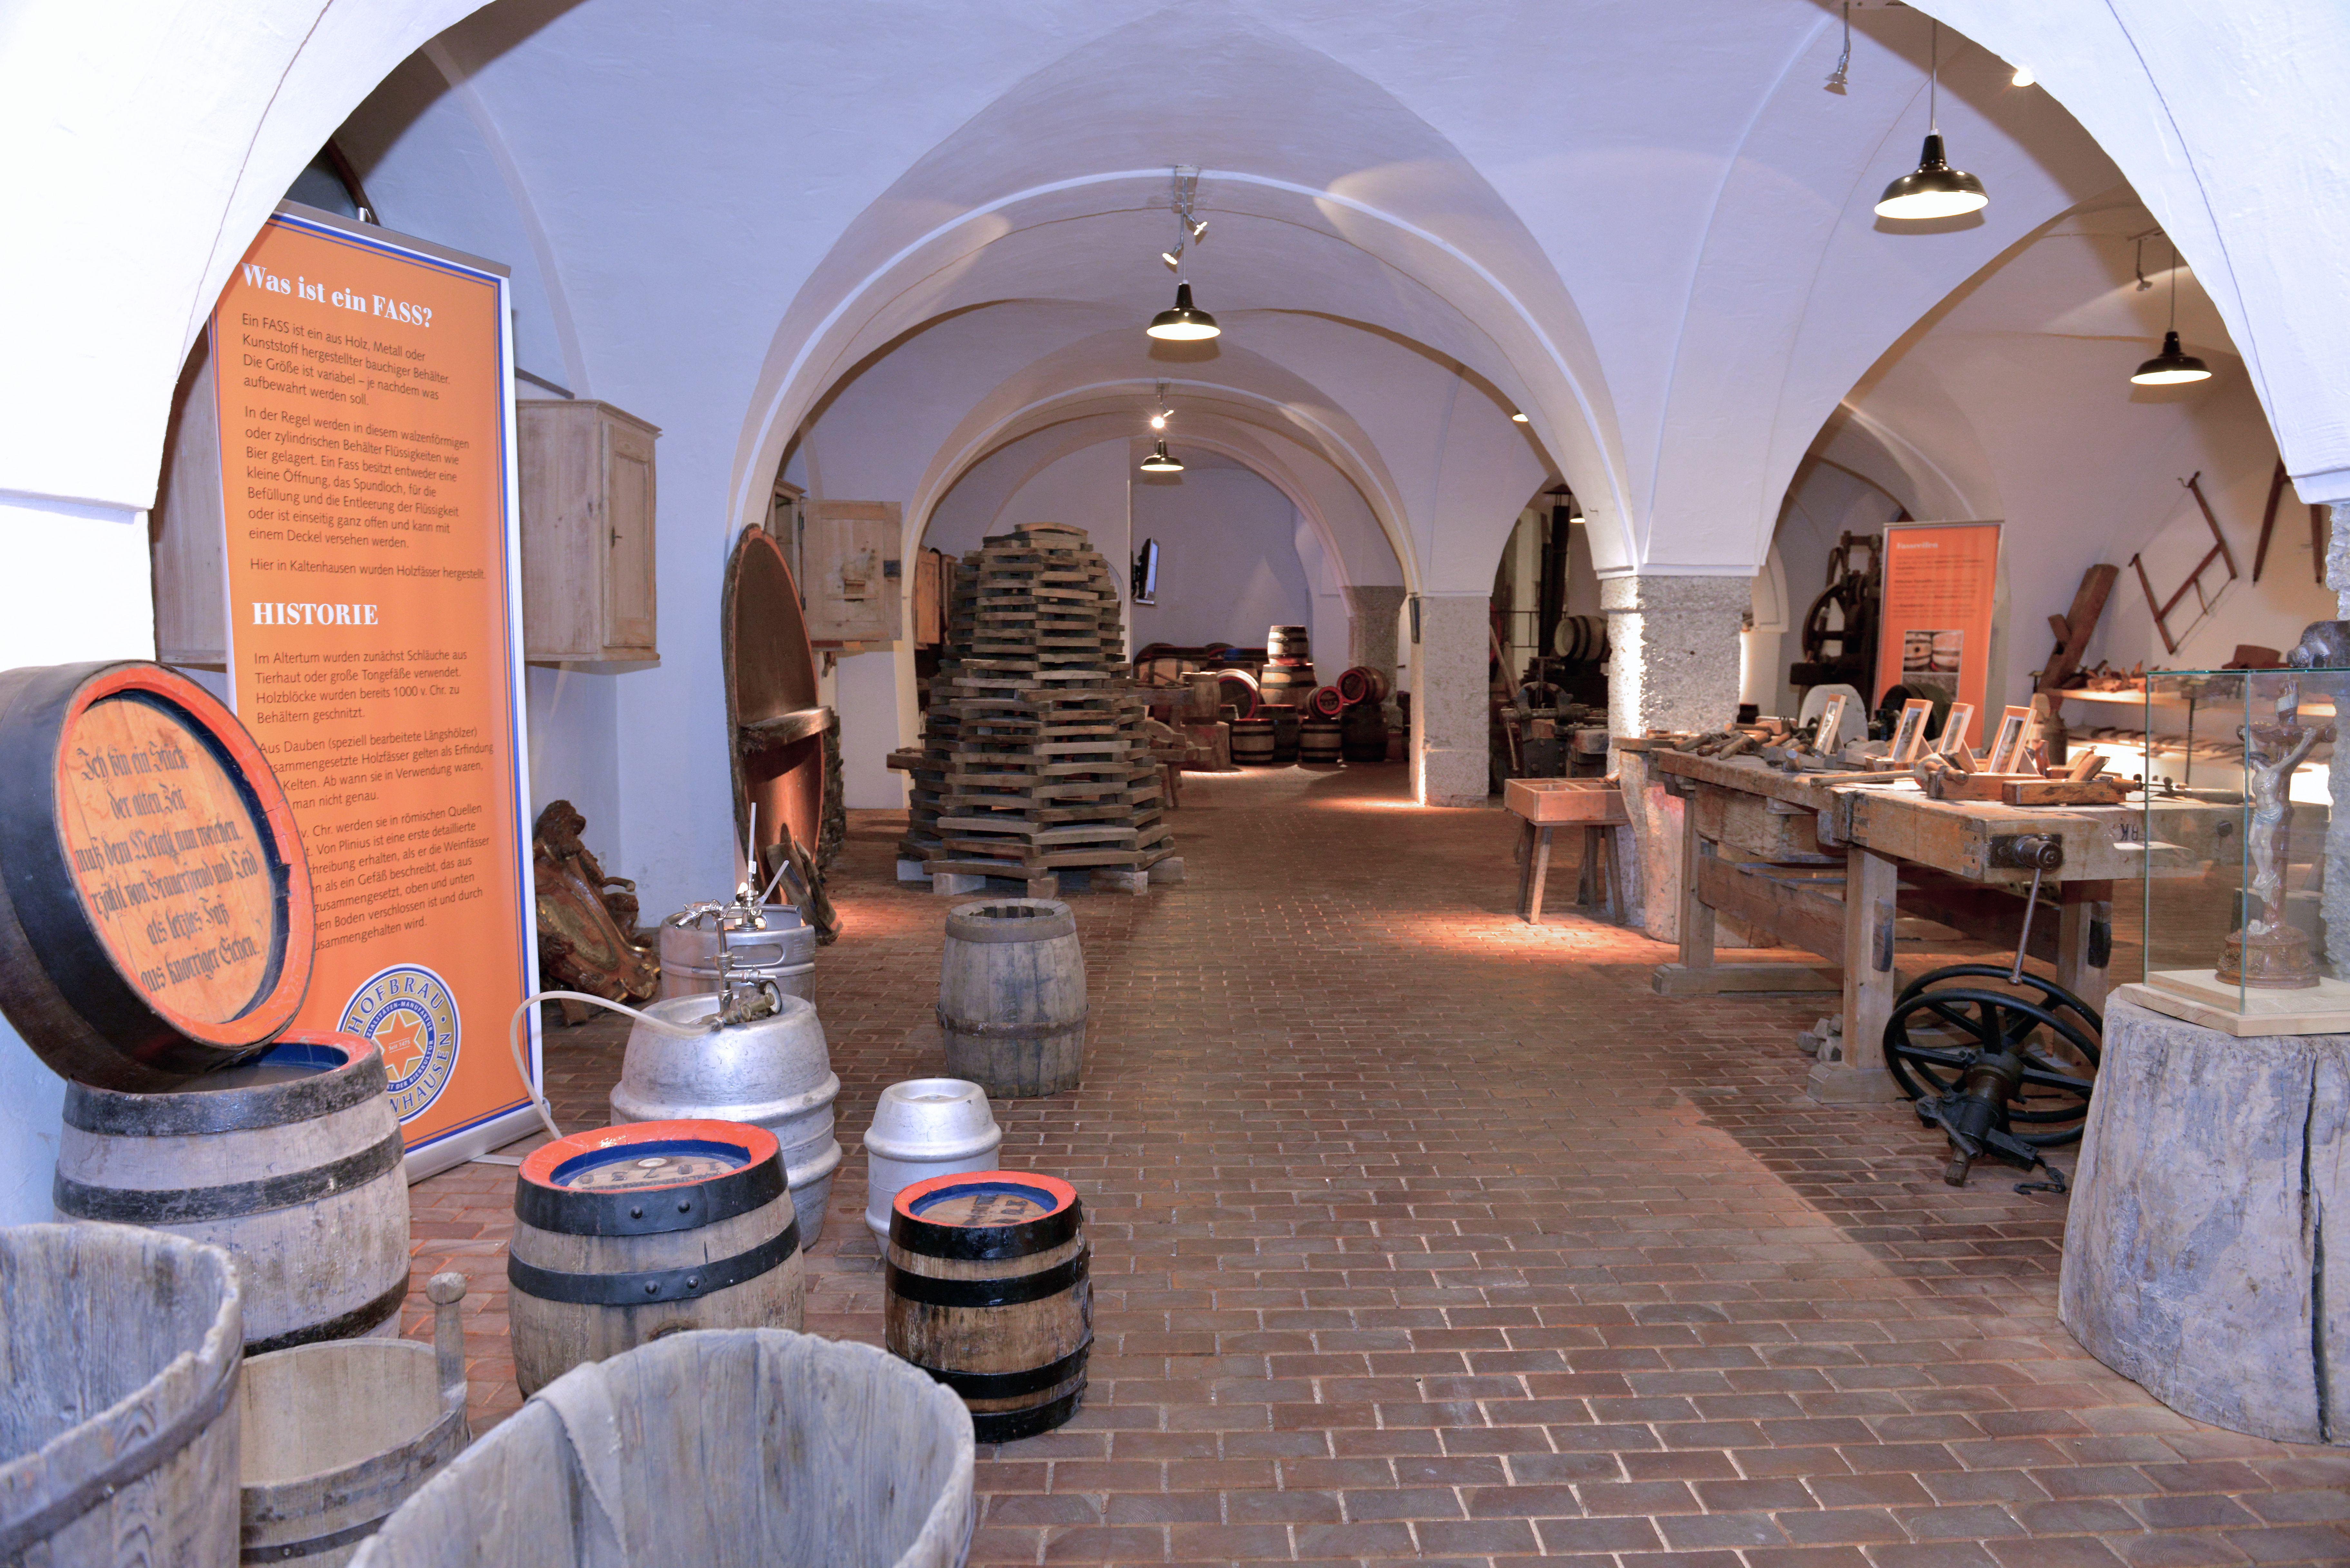 Hallein | Brauerei- und Bindereimuseum Hofbräu Kaltenhausen